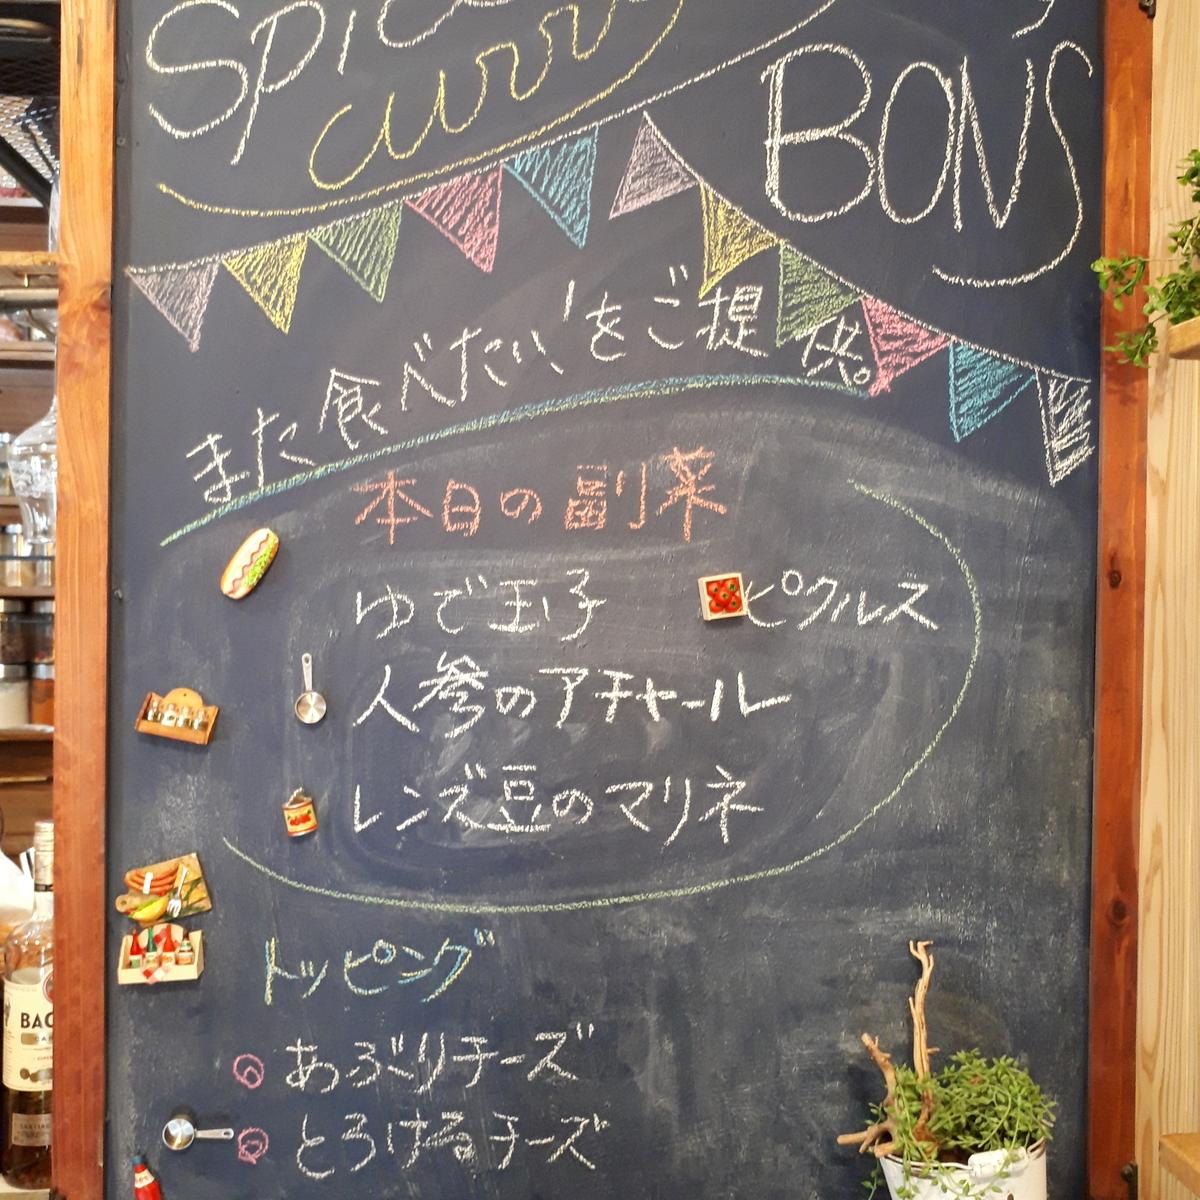 スパイスカレーBON'S 2019年3月22日 副菜メニュー